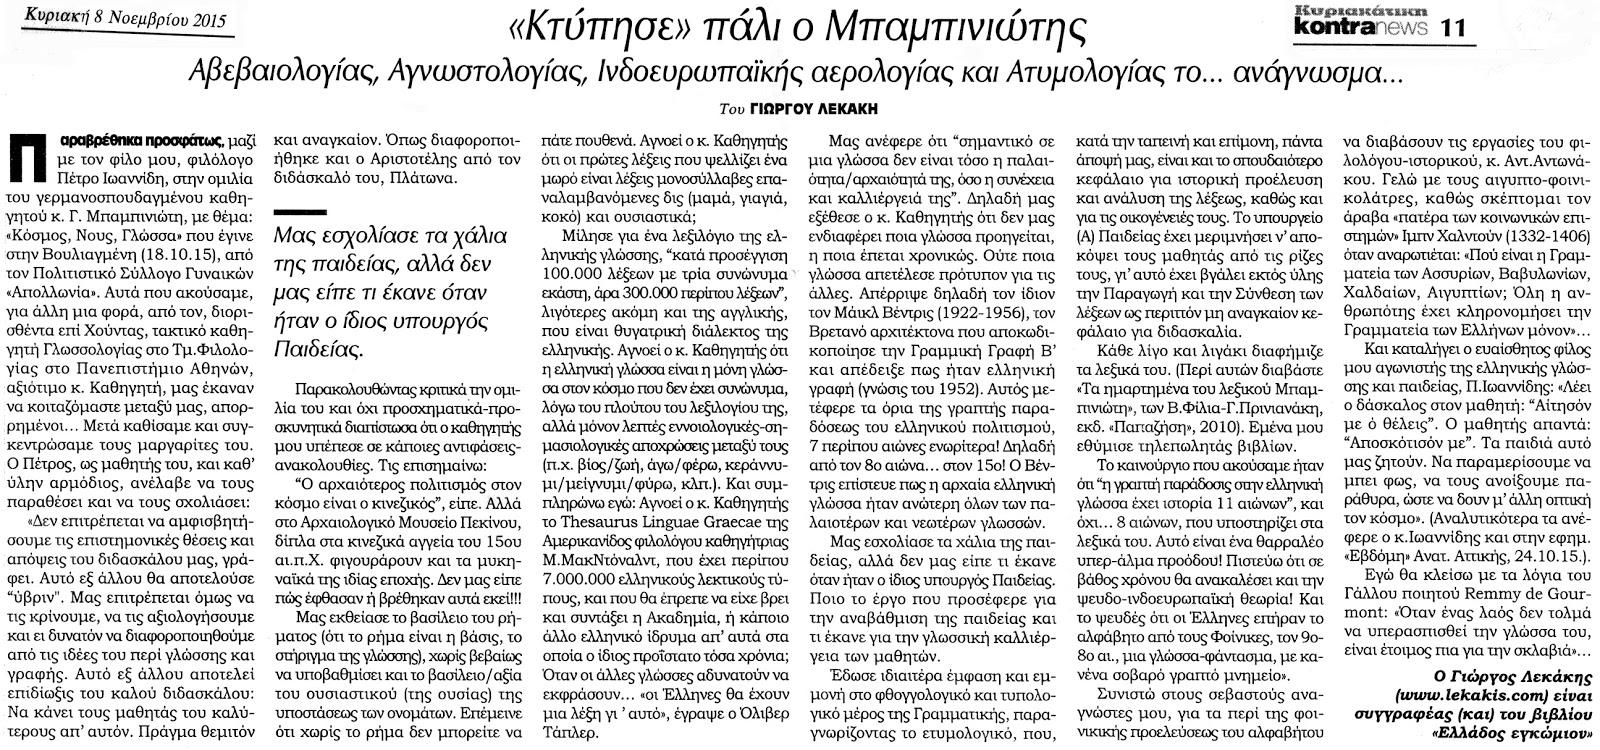 Ο Μπαμπινιώτης κτύπησε πάλι την ελληνική γλώσσα: Αβεβαιολογίας, Αγνωστολογίας, Ινδοευρωπαϊκής Αερολογίας και Ατυμολογίας το ανάγνωσμα